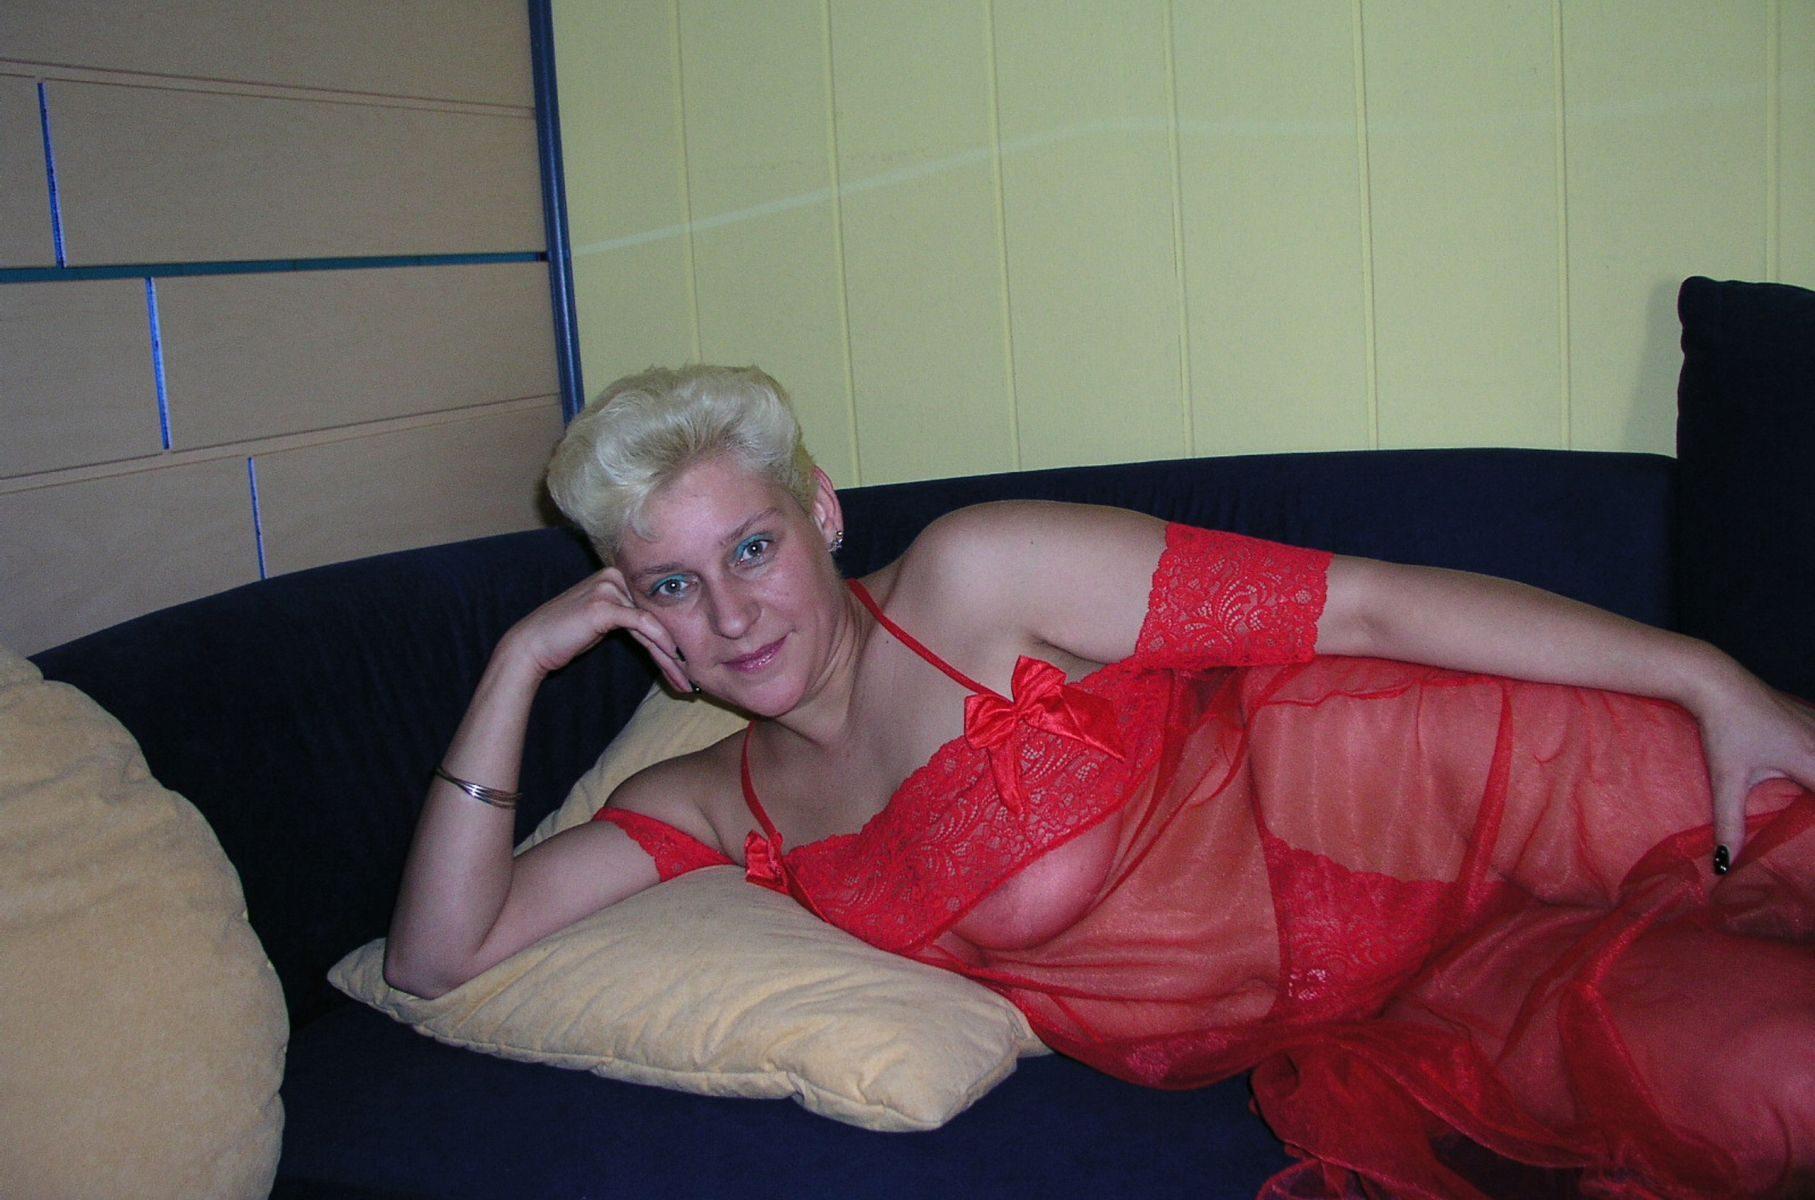 private Sexkontakte für zwanglose Verabredungen finden